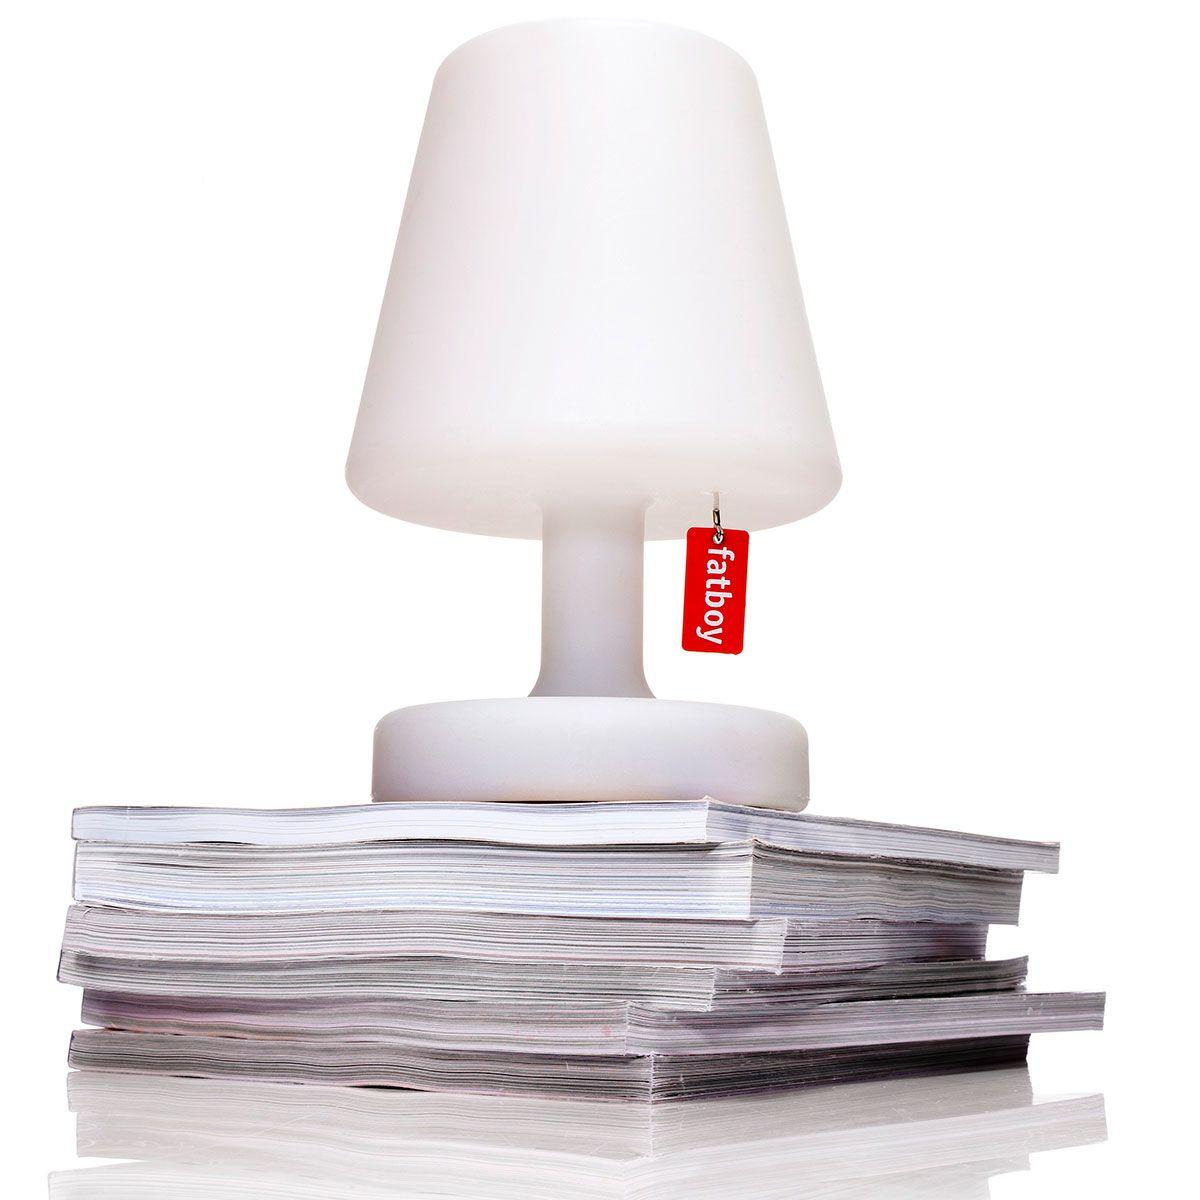 65 00 Edison The Petit En Stock Livraison Sous 48h Lampe Edison Luminaire Design Lamp